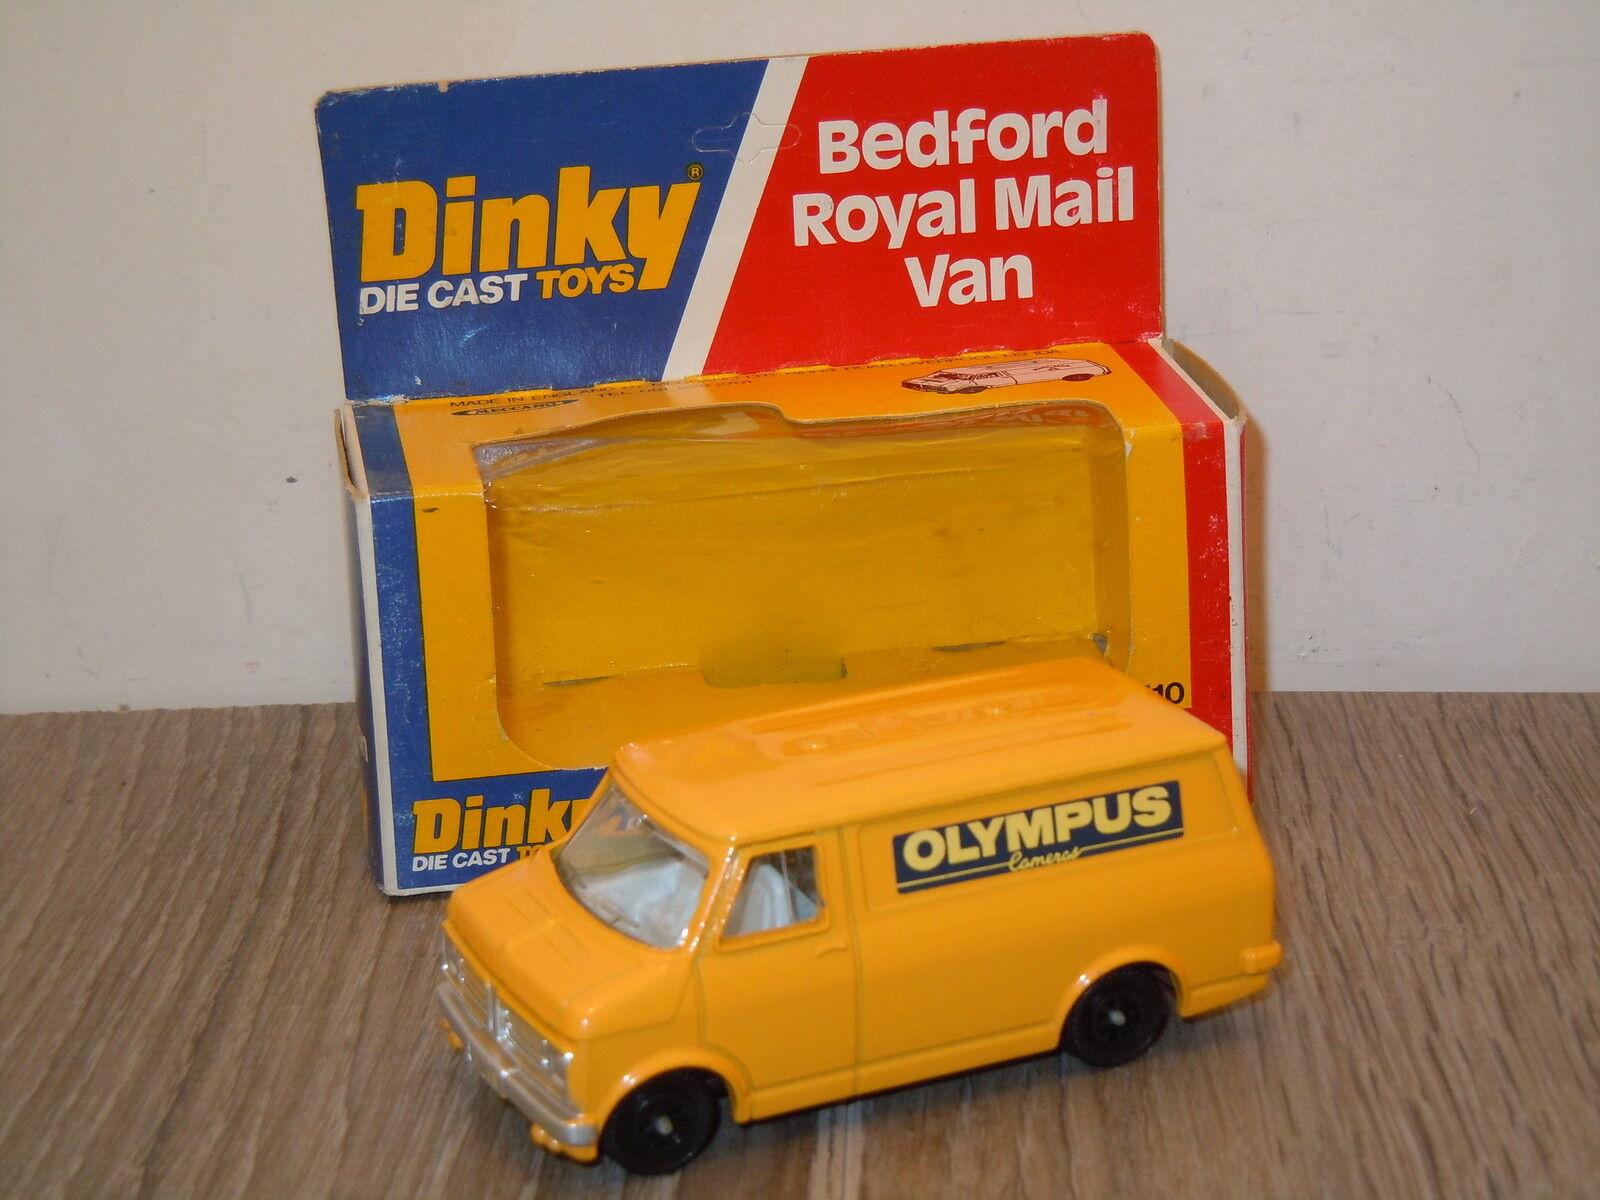 Bedford Van Olympus Cameras van Dinky Toys Code 2 John Gay in Box 15519